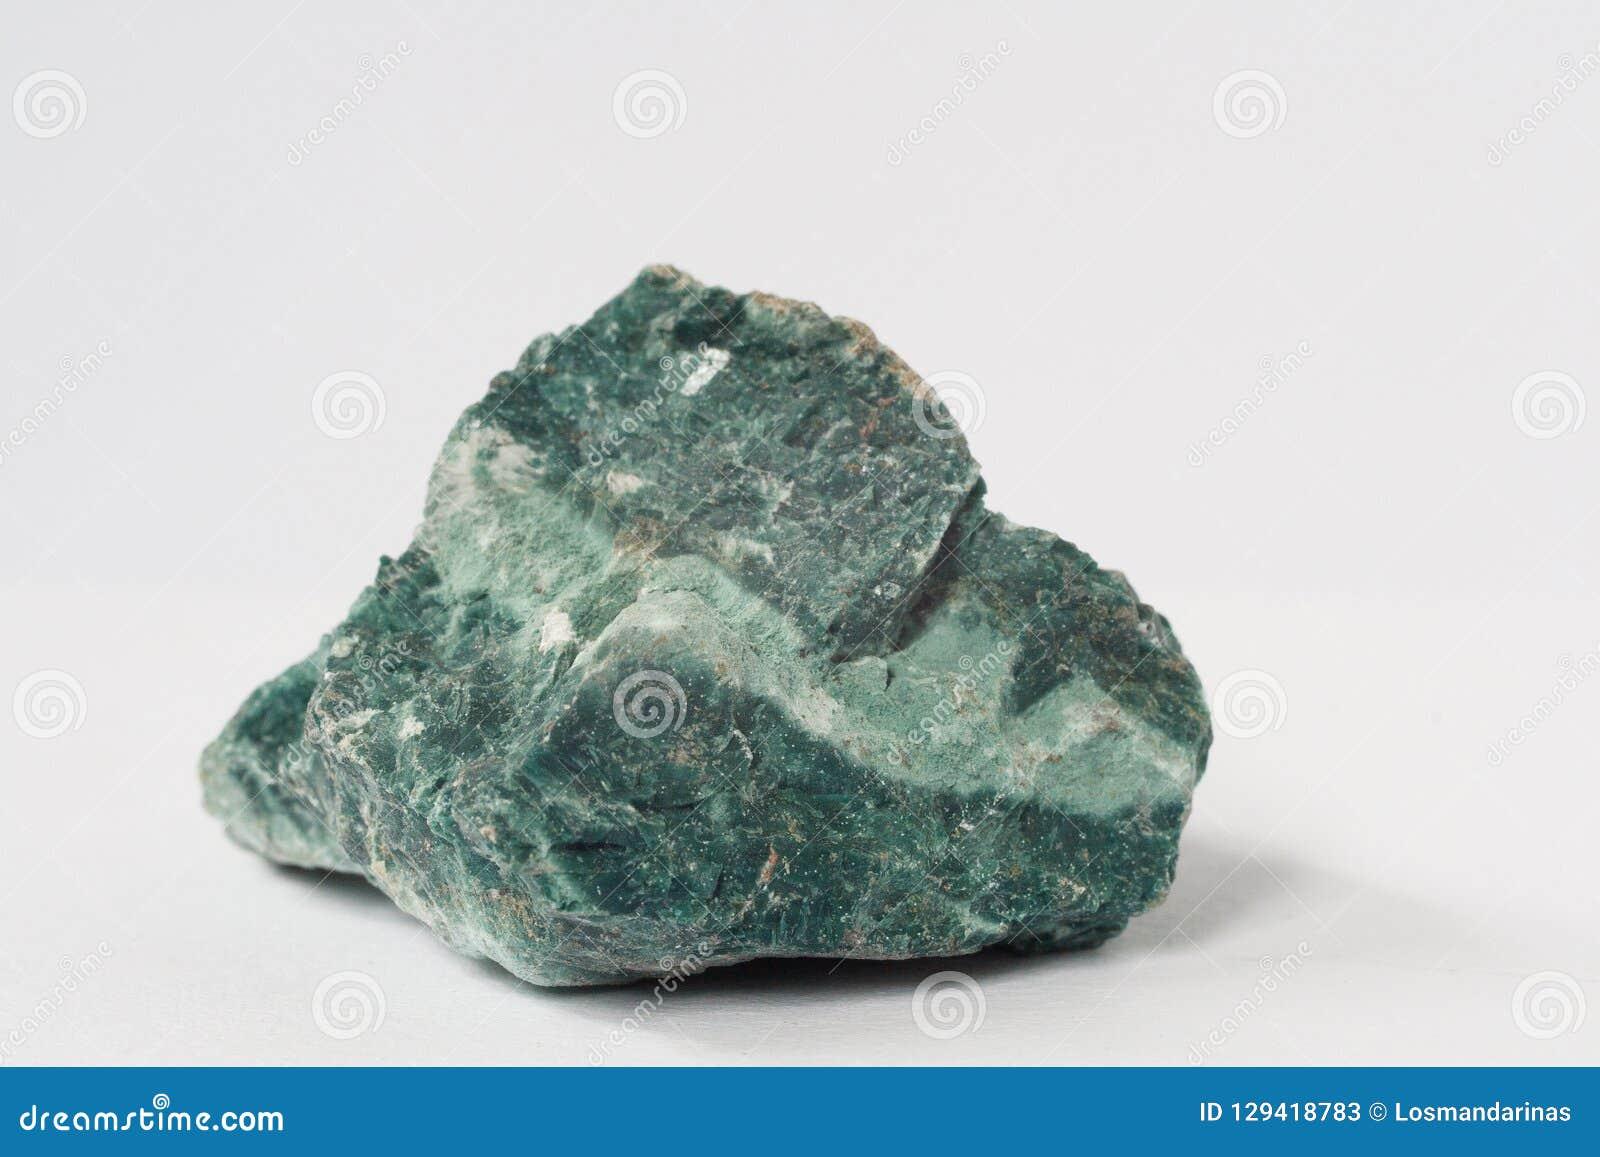 Heulandite mineral on white background